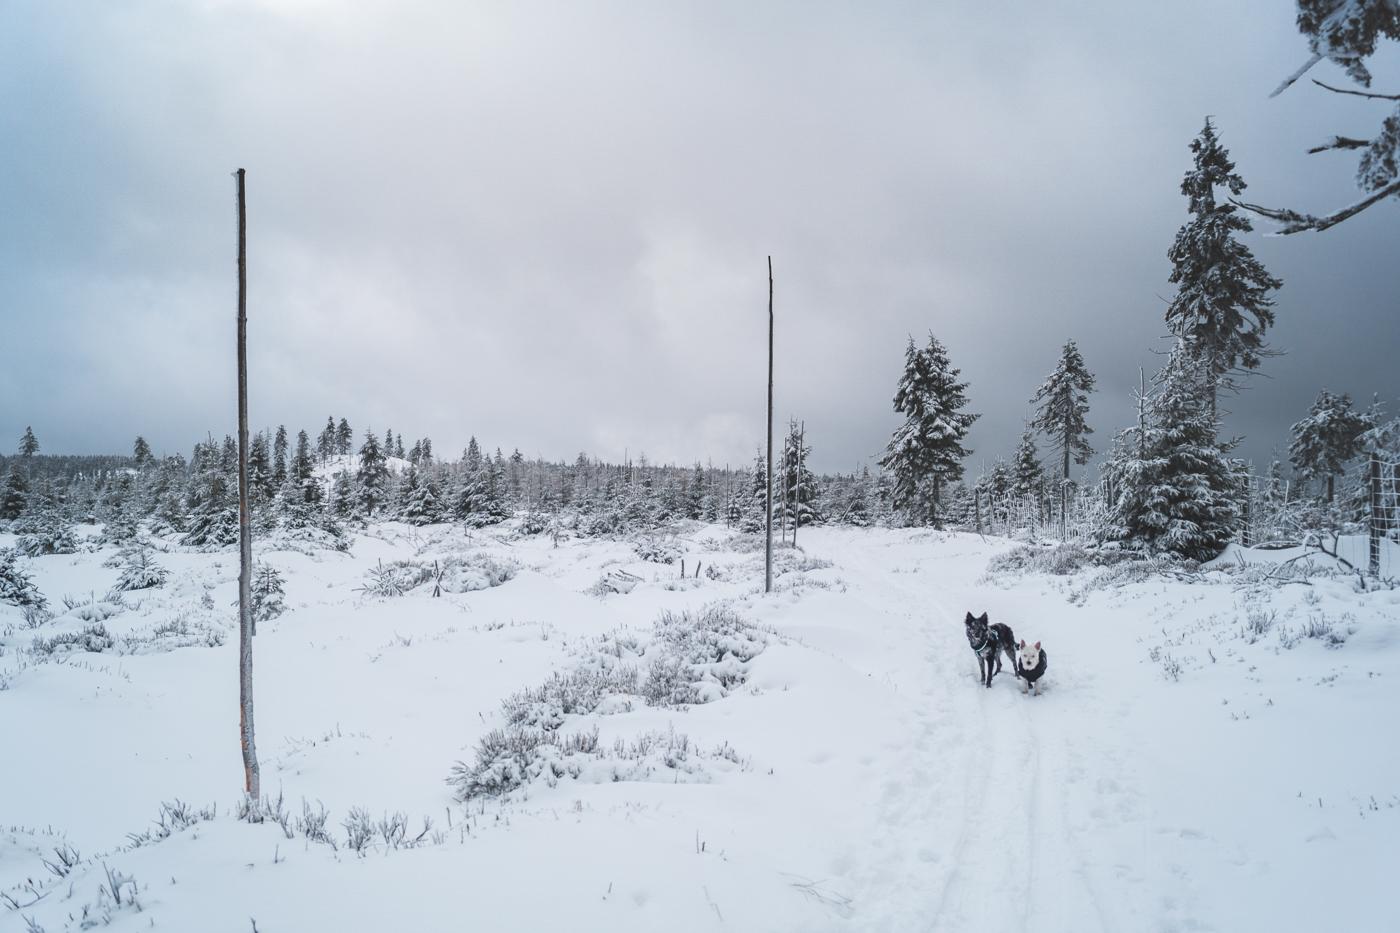 Zimowy szlak w górach. Drzewa i ziemia pokryte grubą warstwą śniegu. Ciemne niebo zwiastujące złą pogodę. Na szlaku stoją Fibi i Krakers.